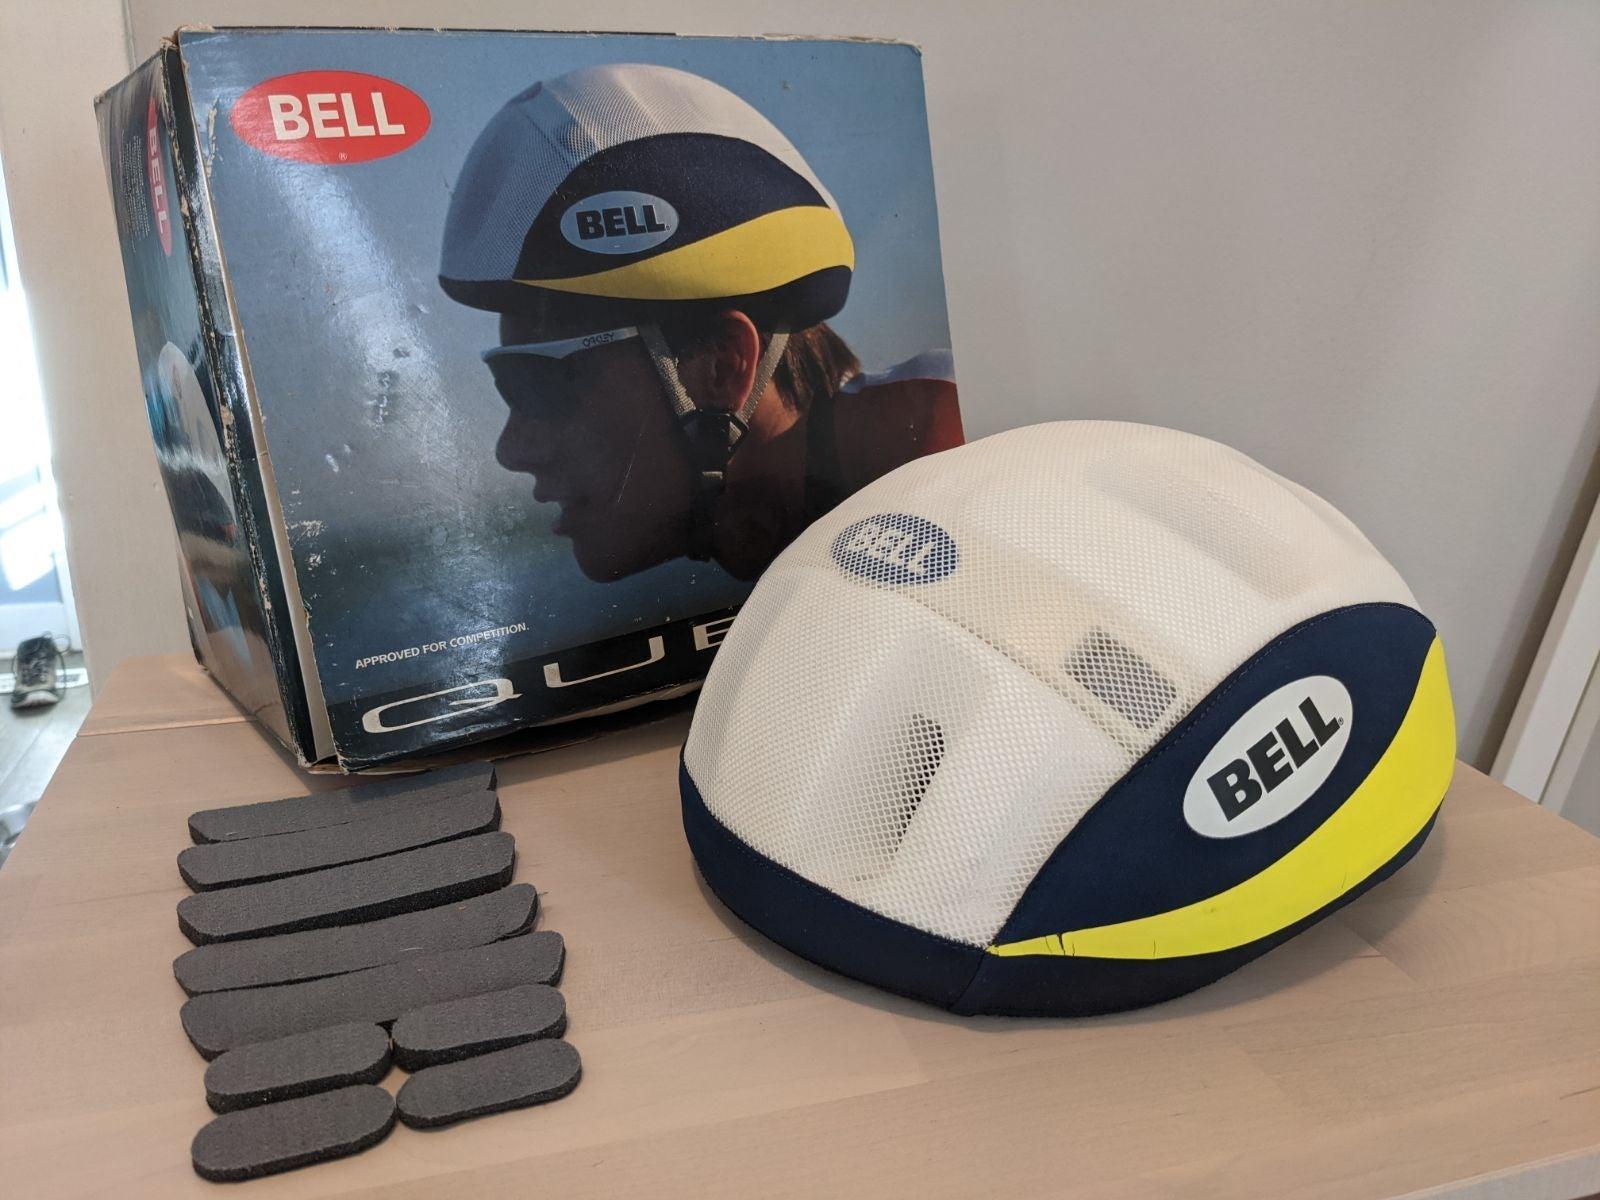 Bell Quest Retro Road Cycling Helmet